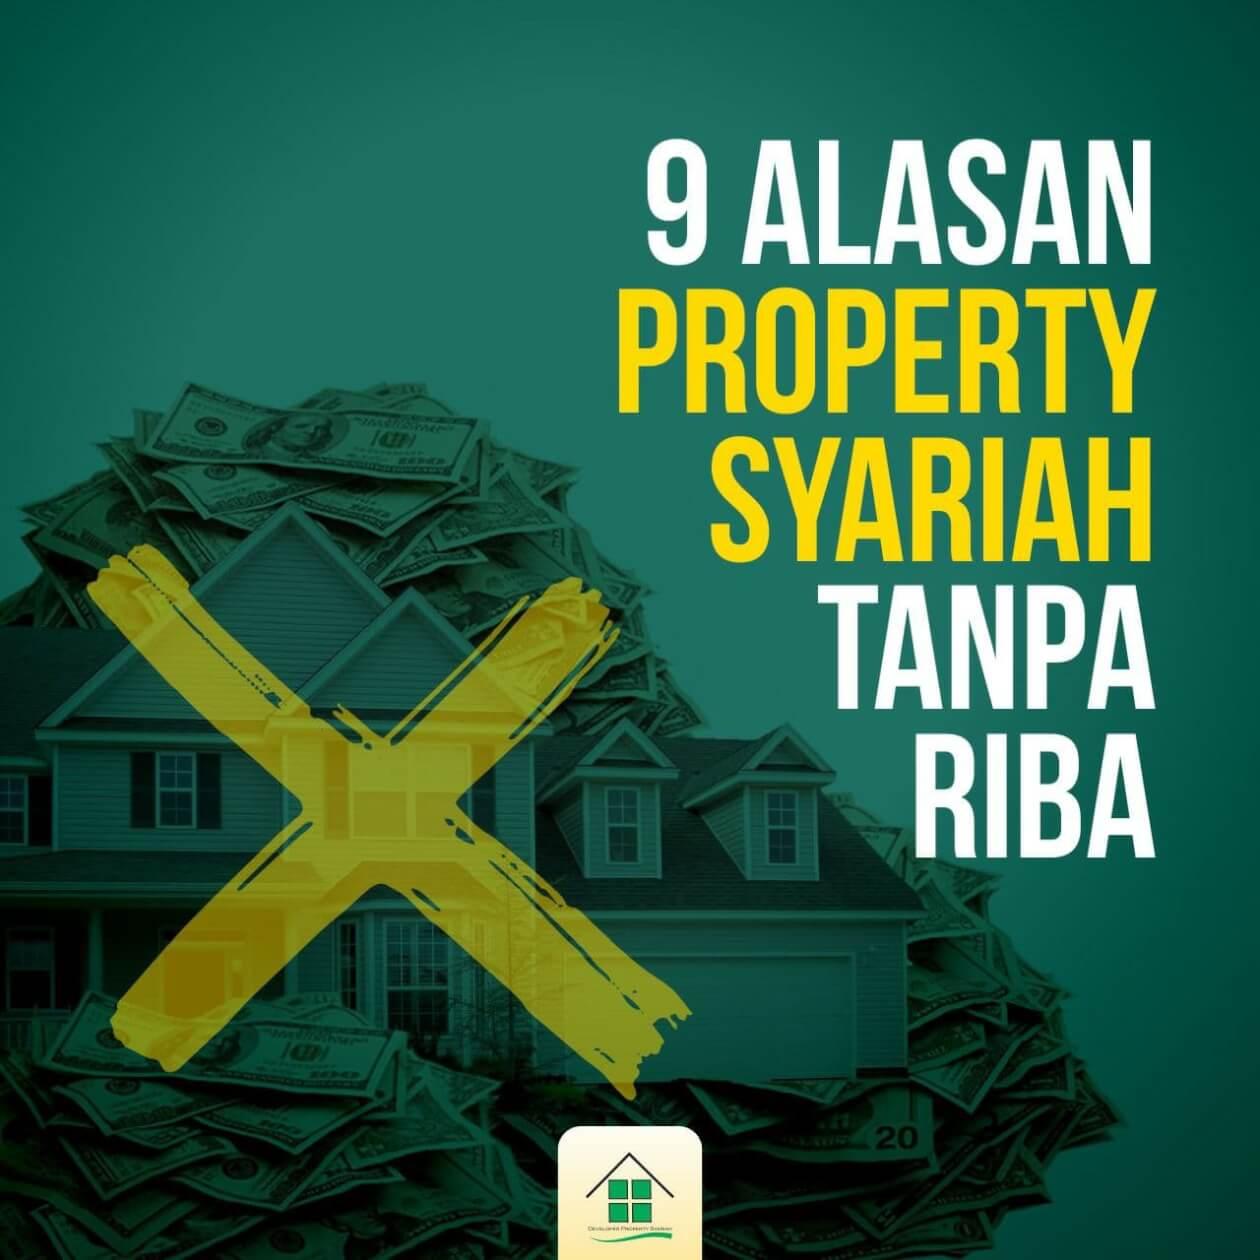 properti syariah tanpa riba